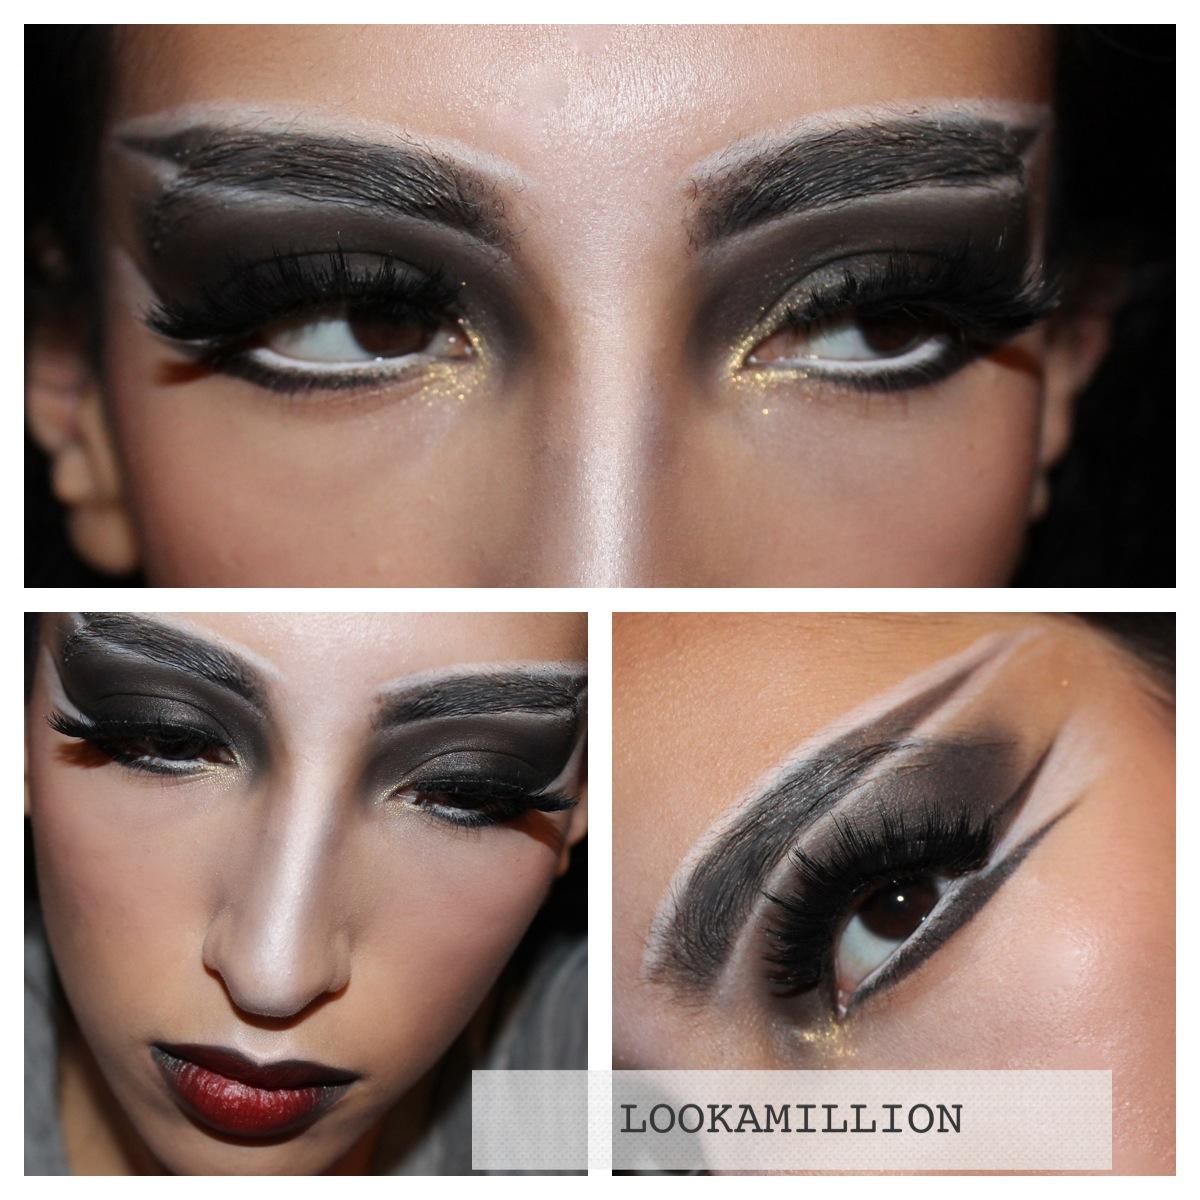 Lookamillion Vampirewitch Halloween Makeup Ideas